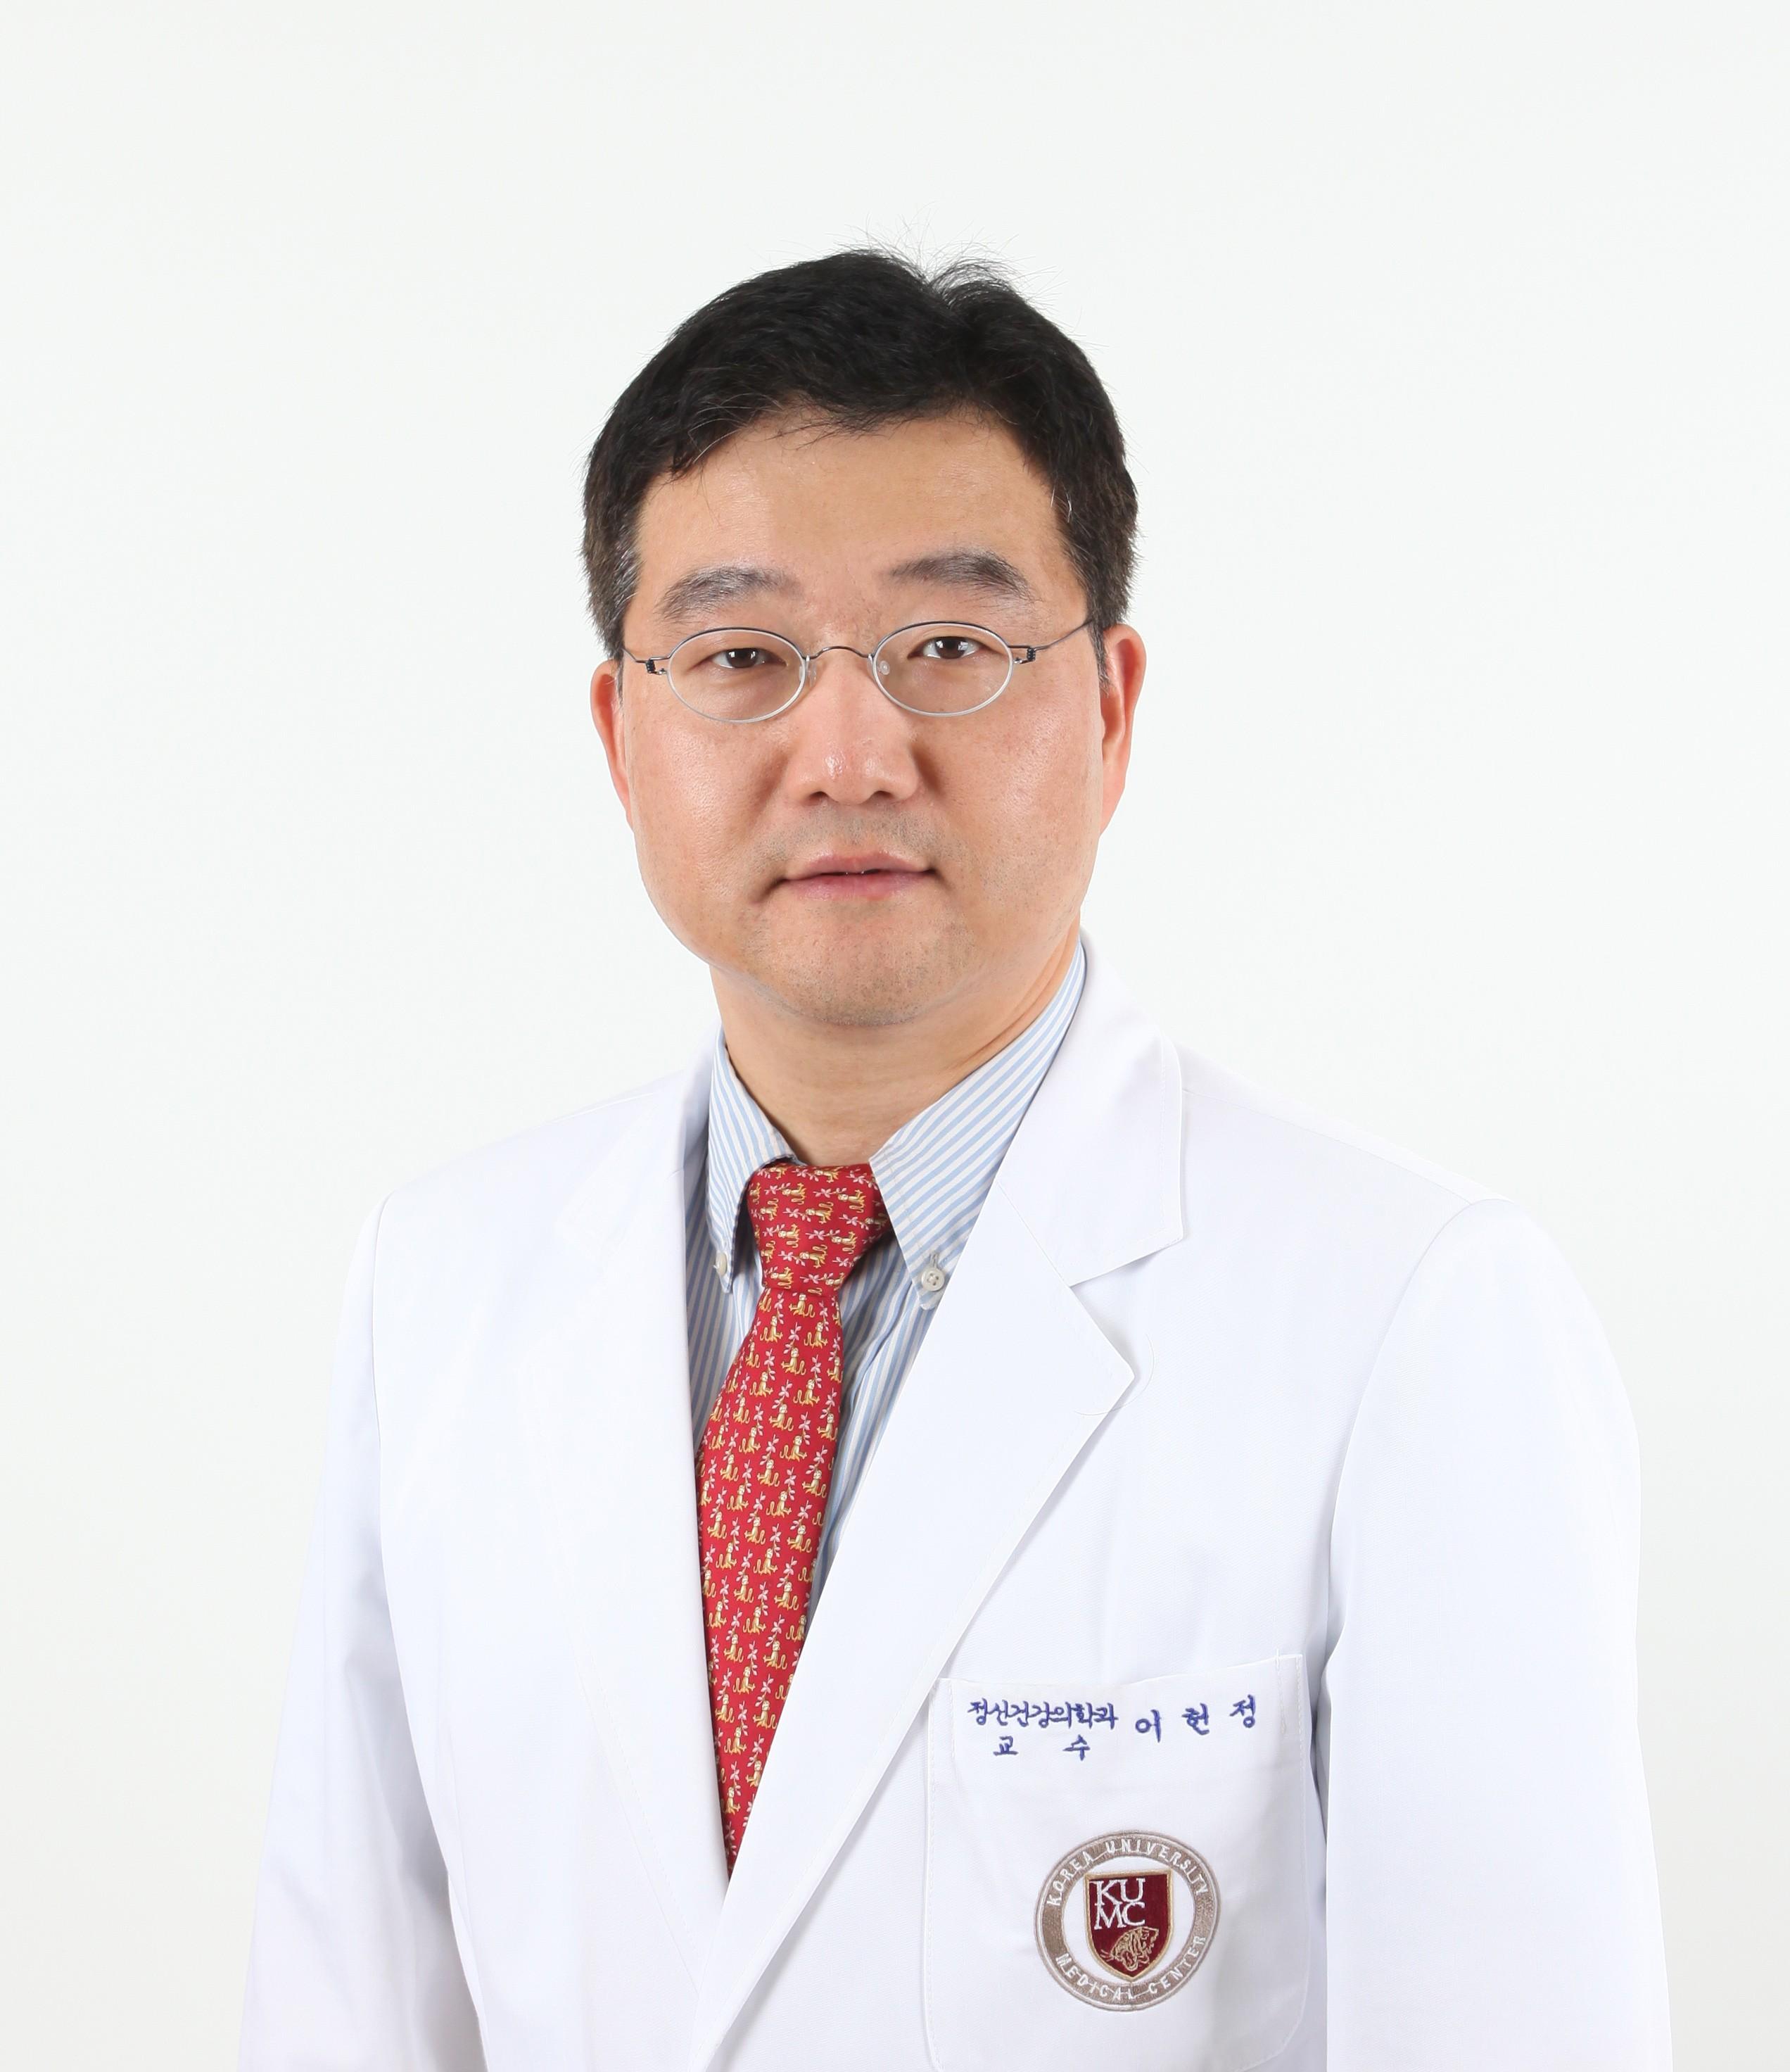 고대 안암병원 정신건강의학과 이헌정 교수